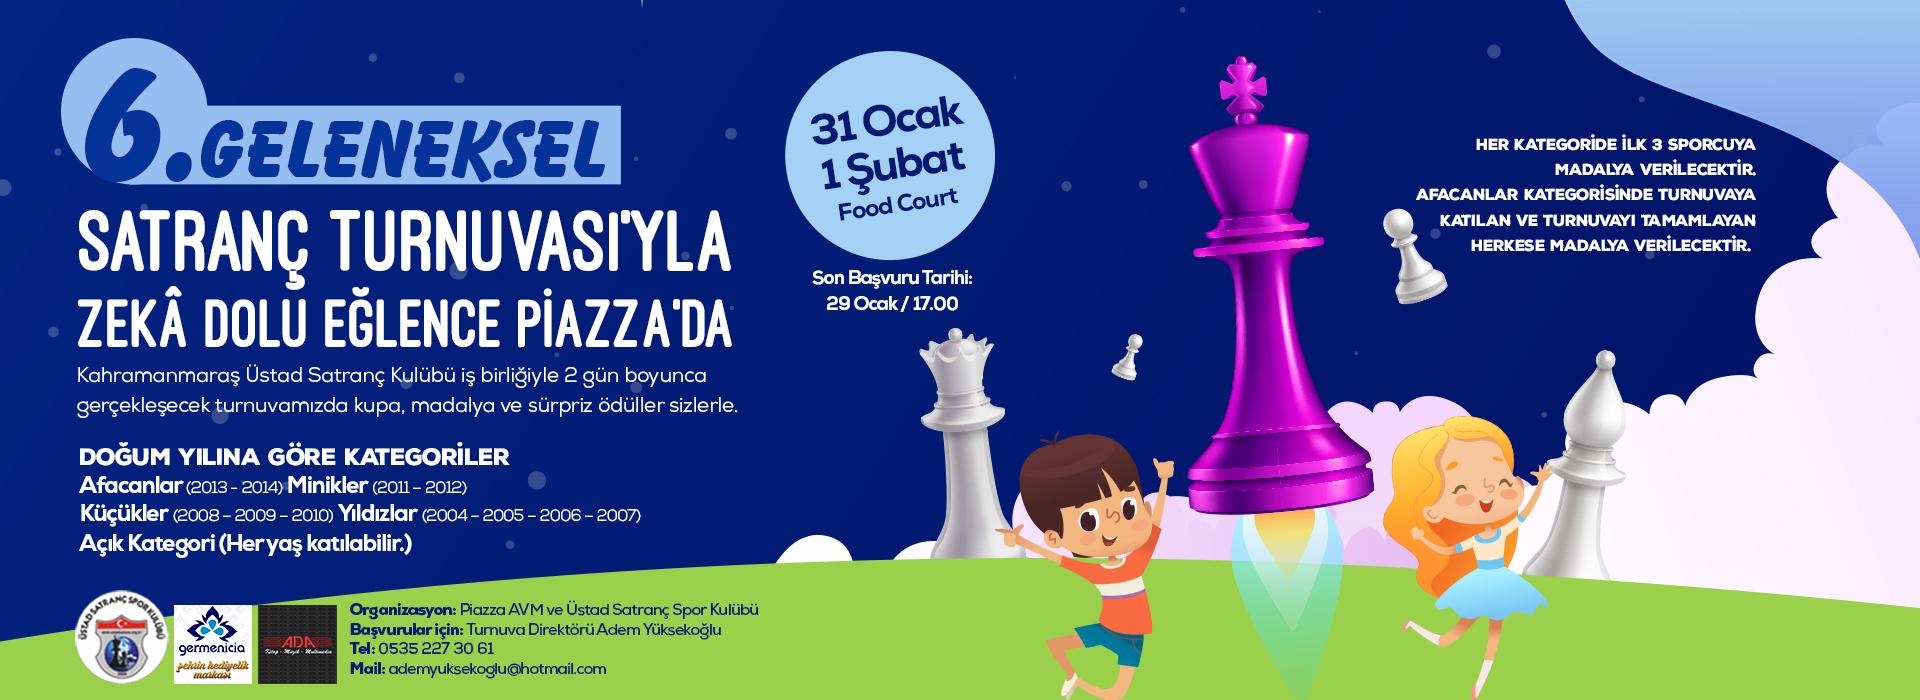 6. Geleneksel Satranç Turnuvası'yla Zeka Dolu Eğlence Piazza'da